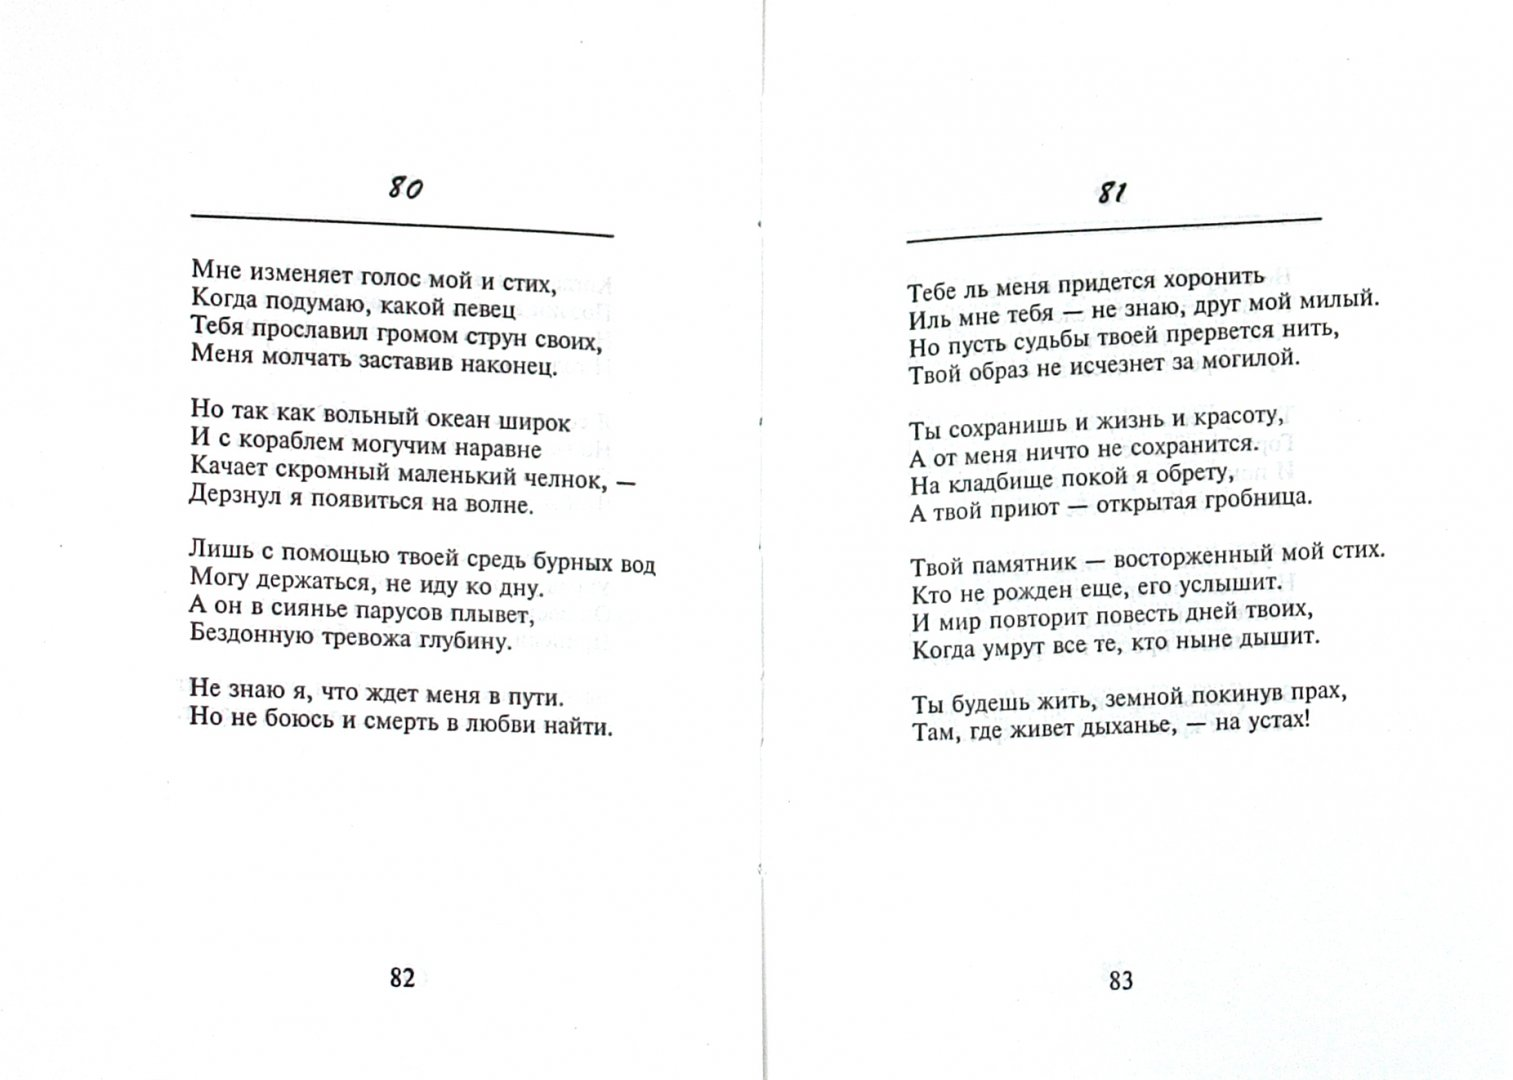 Иллюстрация 1 из 4 для Сонеты - Уильям Шекспир | Лабиринт - книги. Источник: Лабиринт